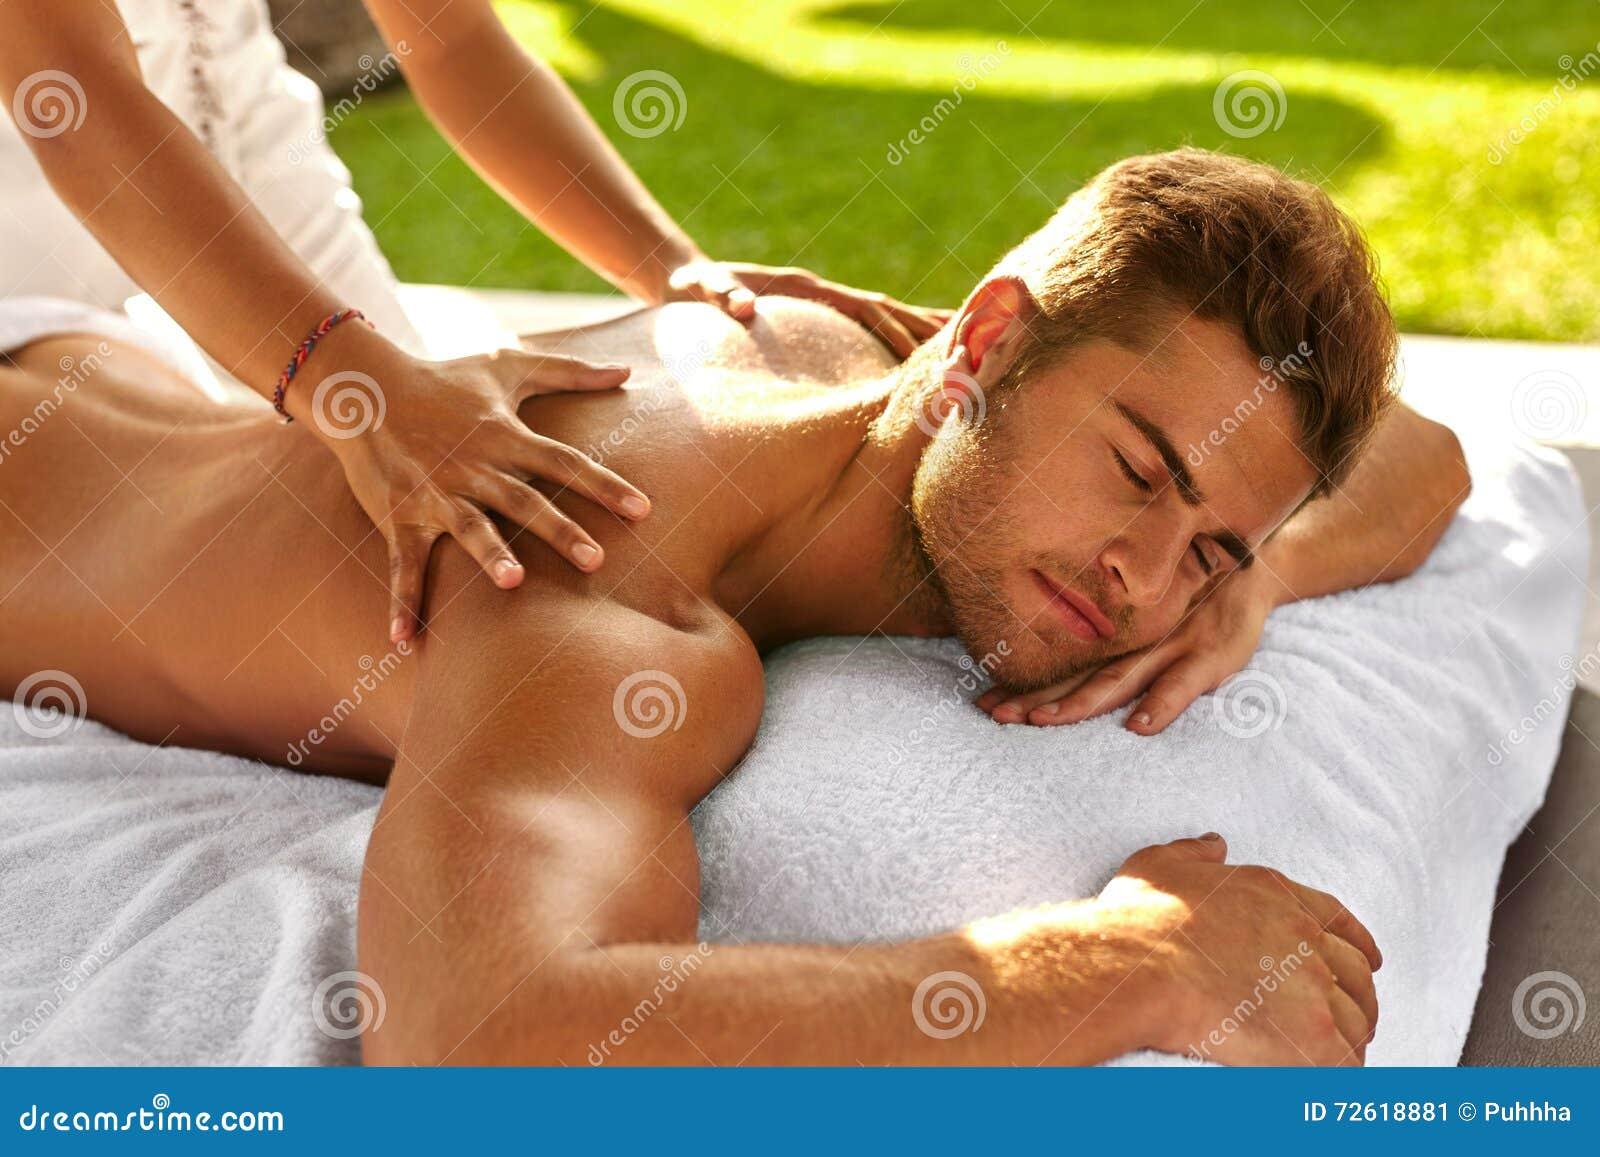 Man To Man Gay Massage